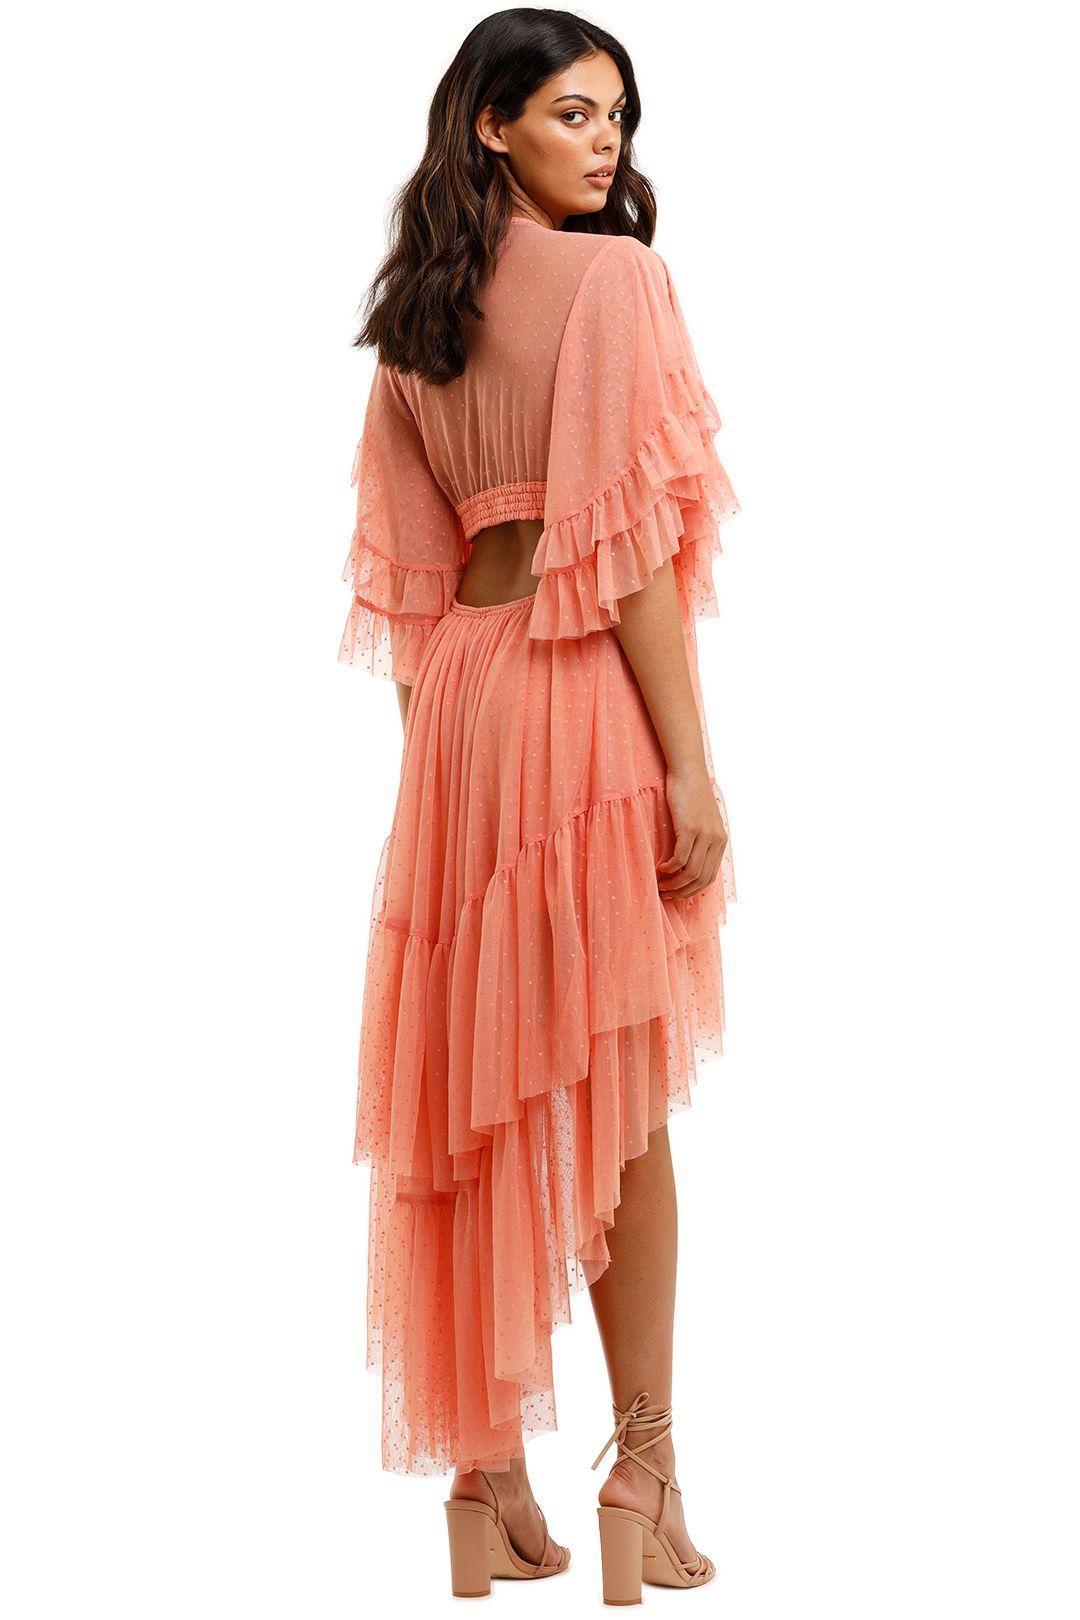 Spell Grace Cutout Gown Peach Polkadot